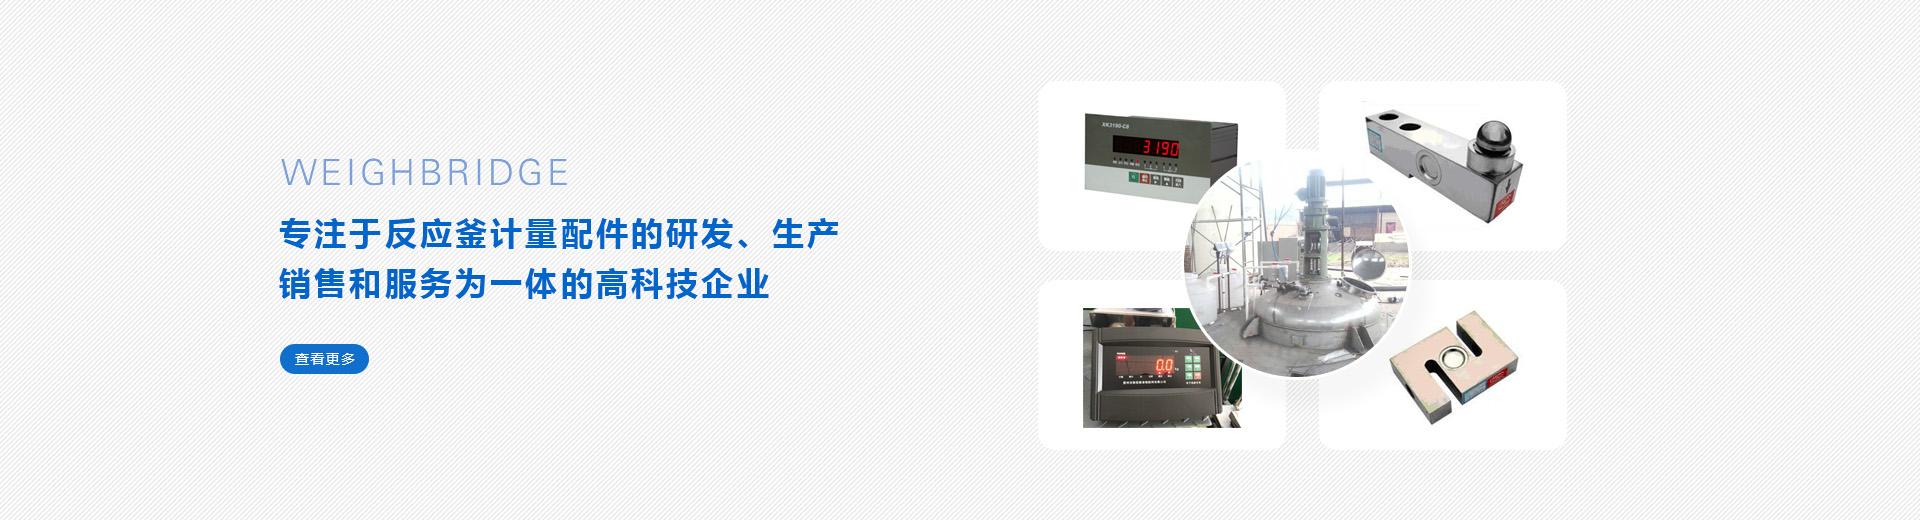 惠州电子地磅